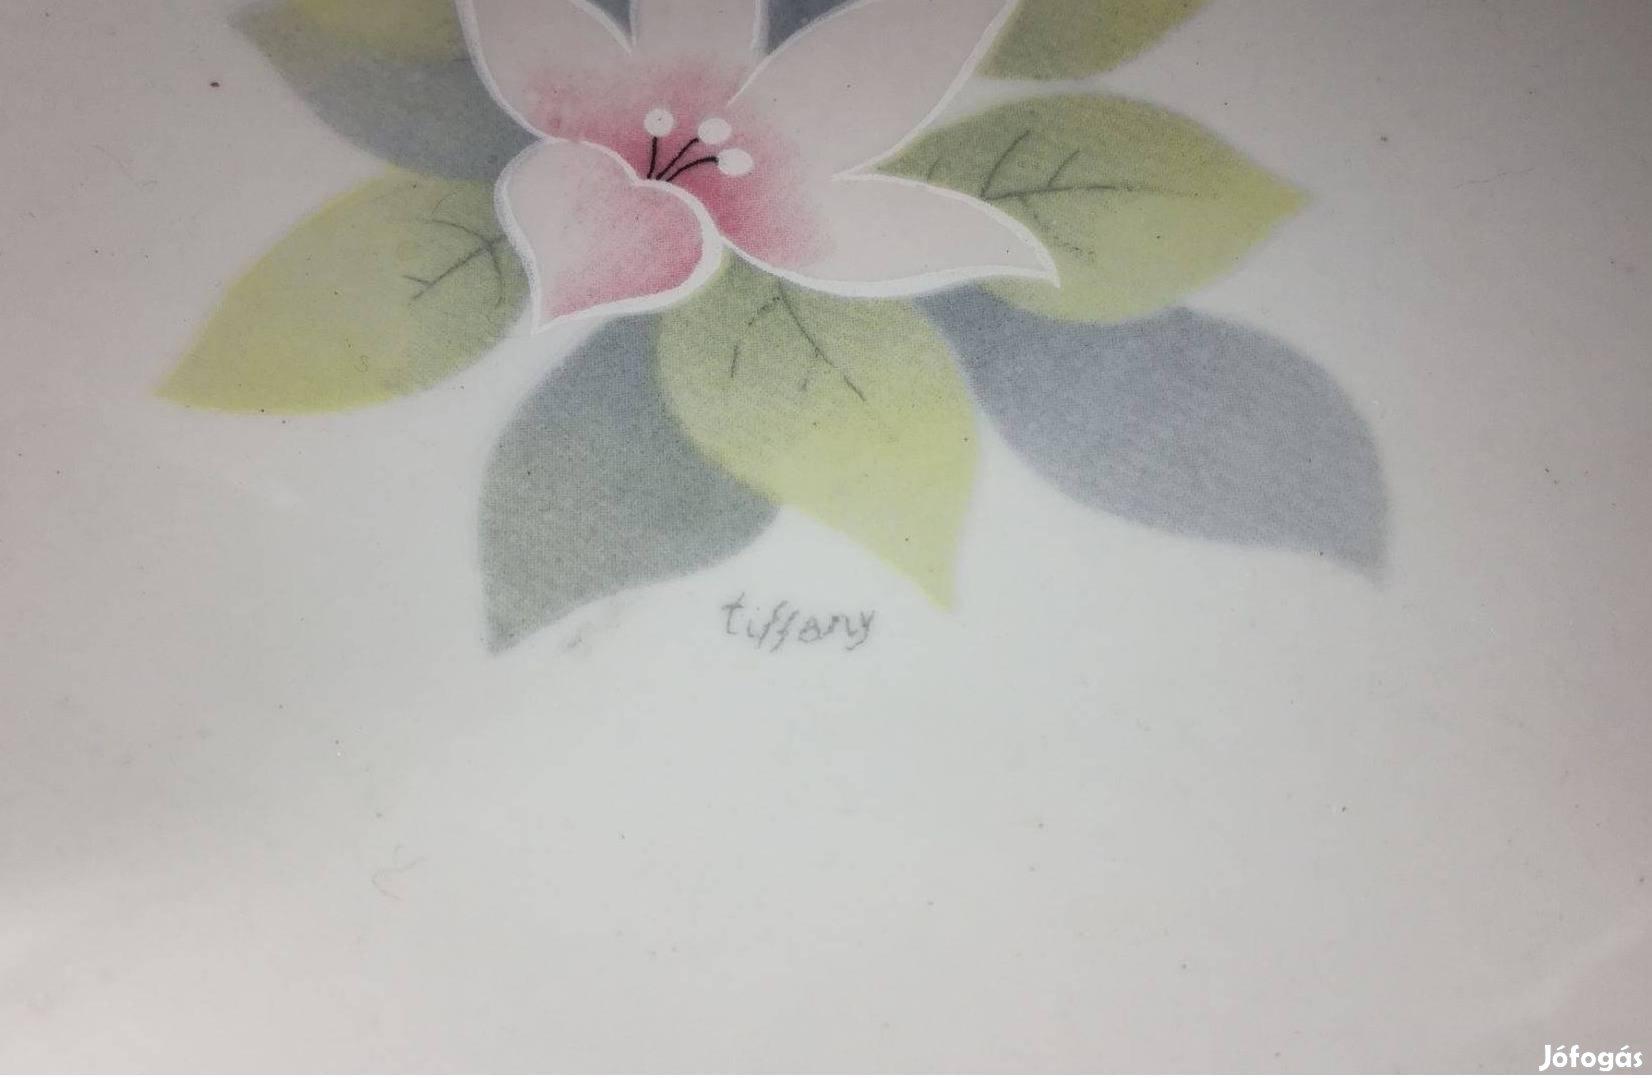 Antik Tiffany Tiffani nagyméretű szép állapotú jelzett porcelán tál